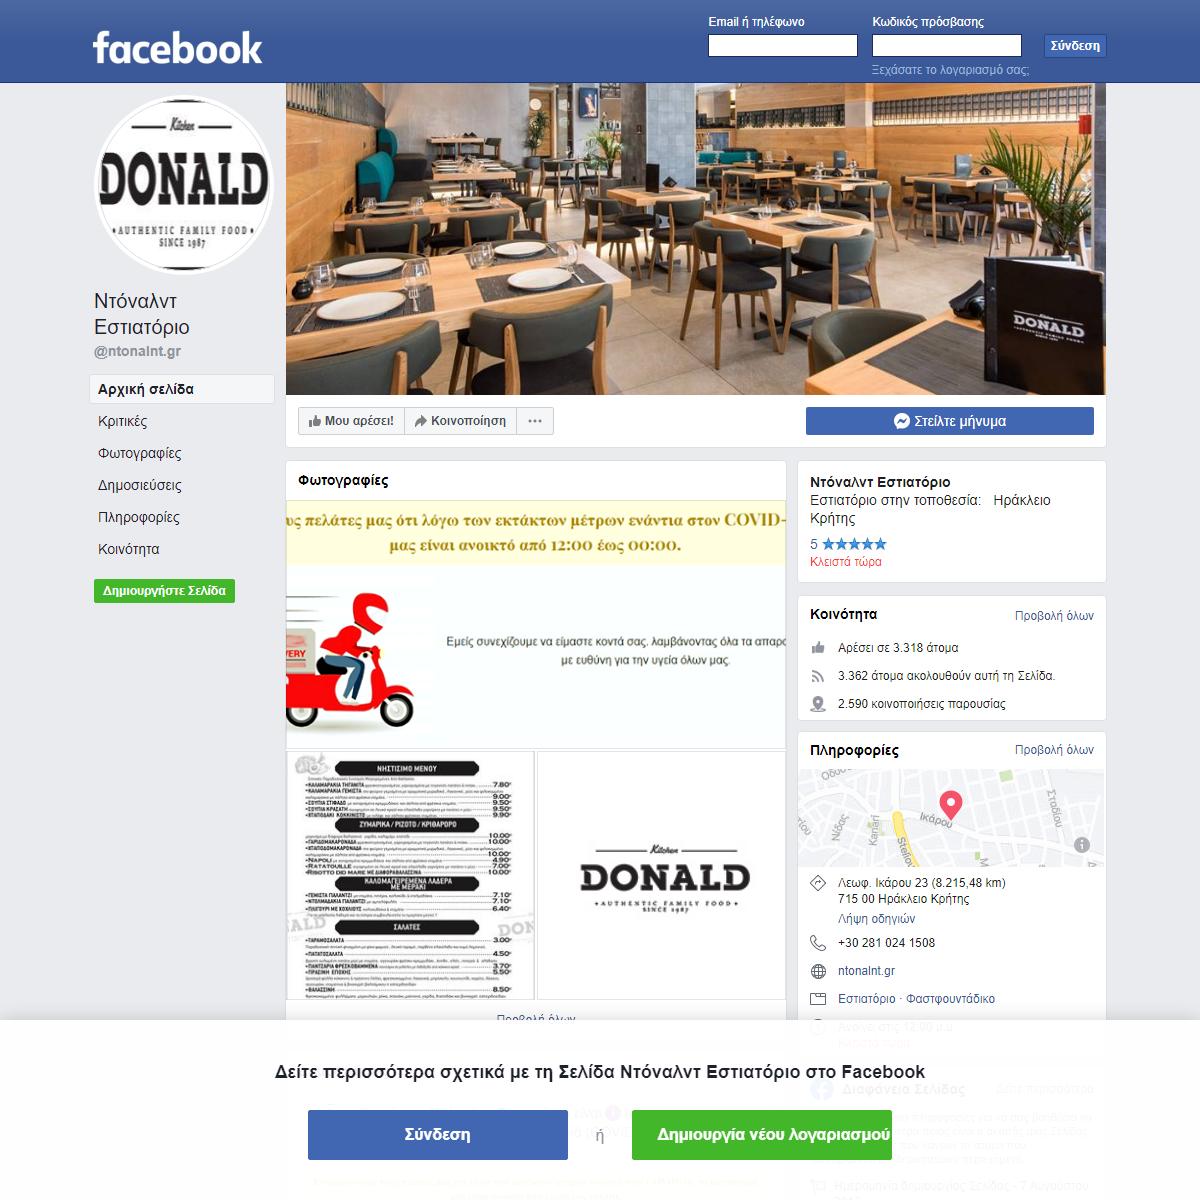 Ντόναλντ Εστιατόριο - Αρχική σελίδα - Ηράκλειο Κρήτης - Μενού, τιμές, κρ